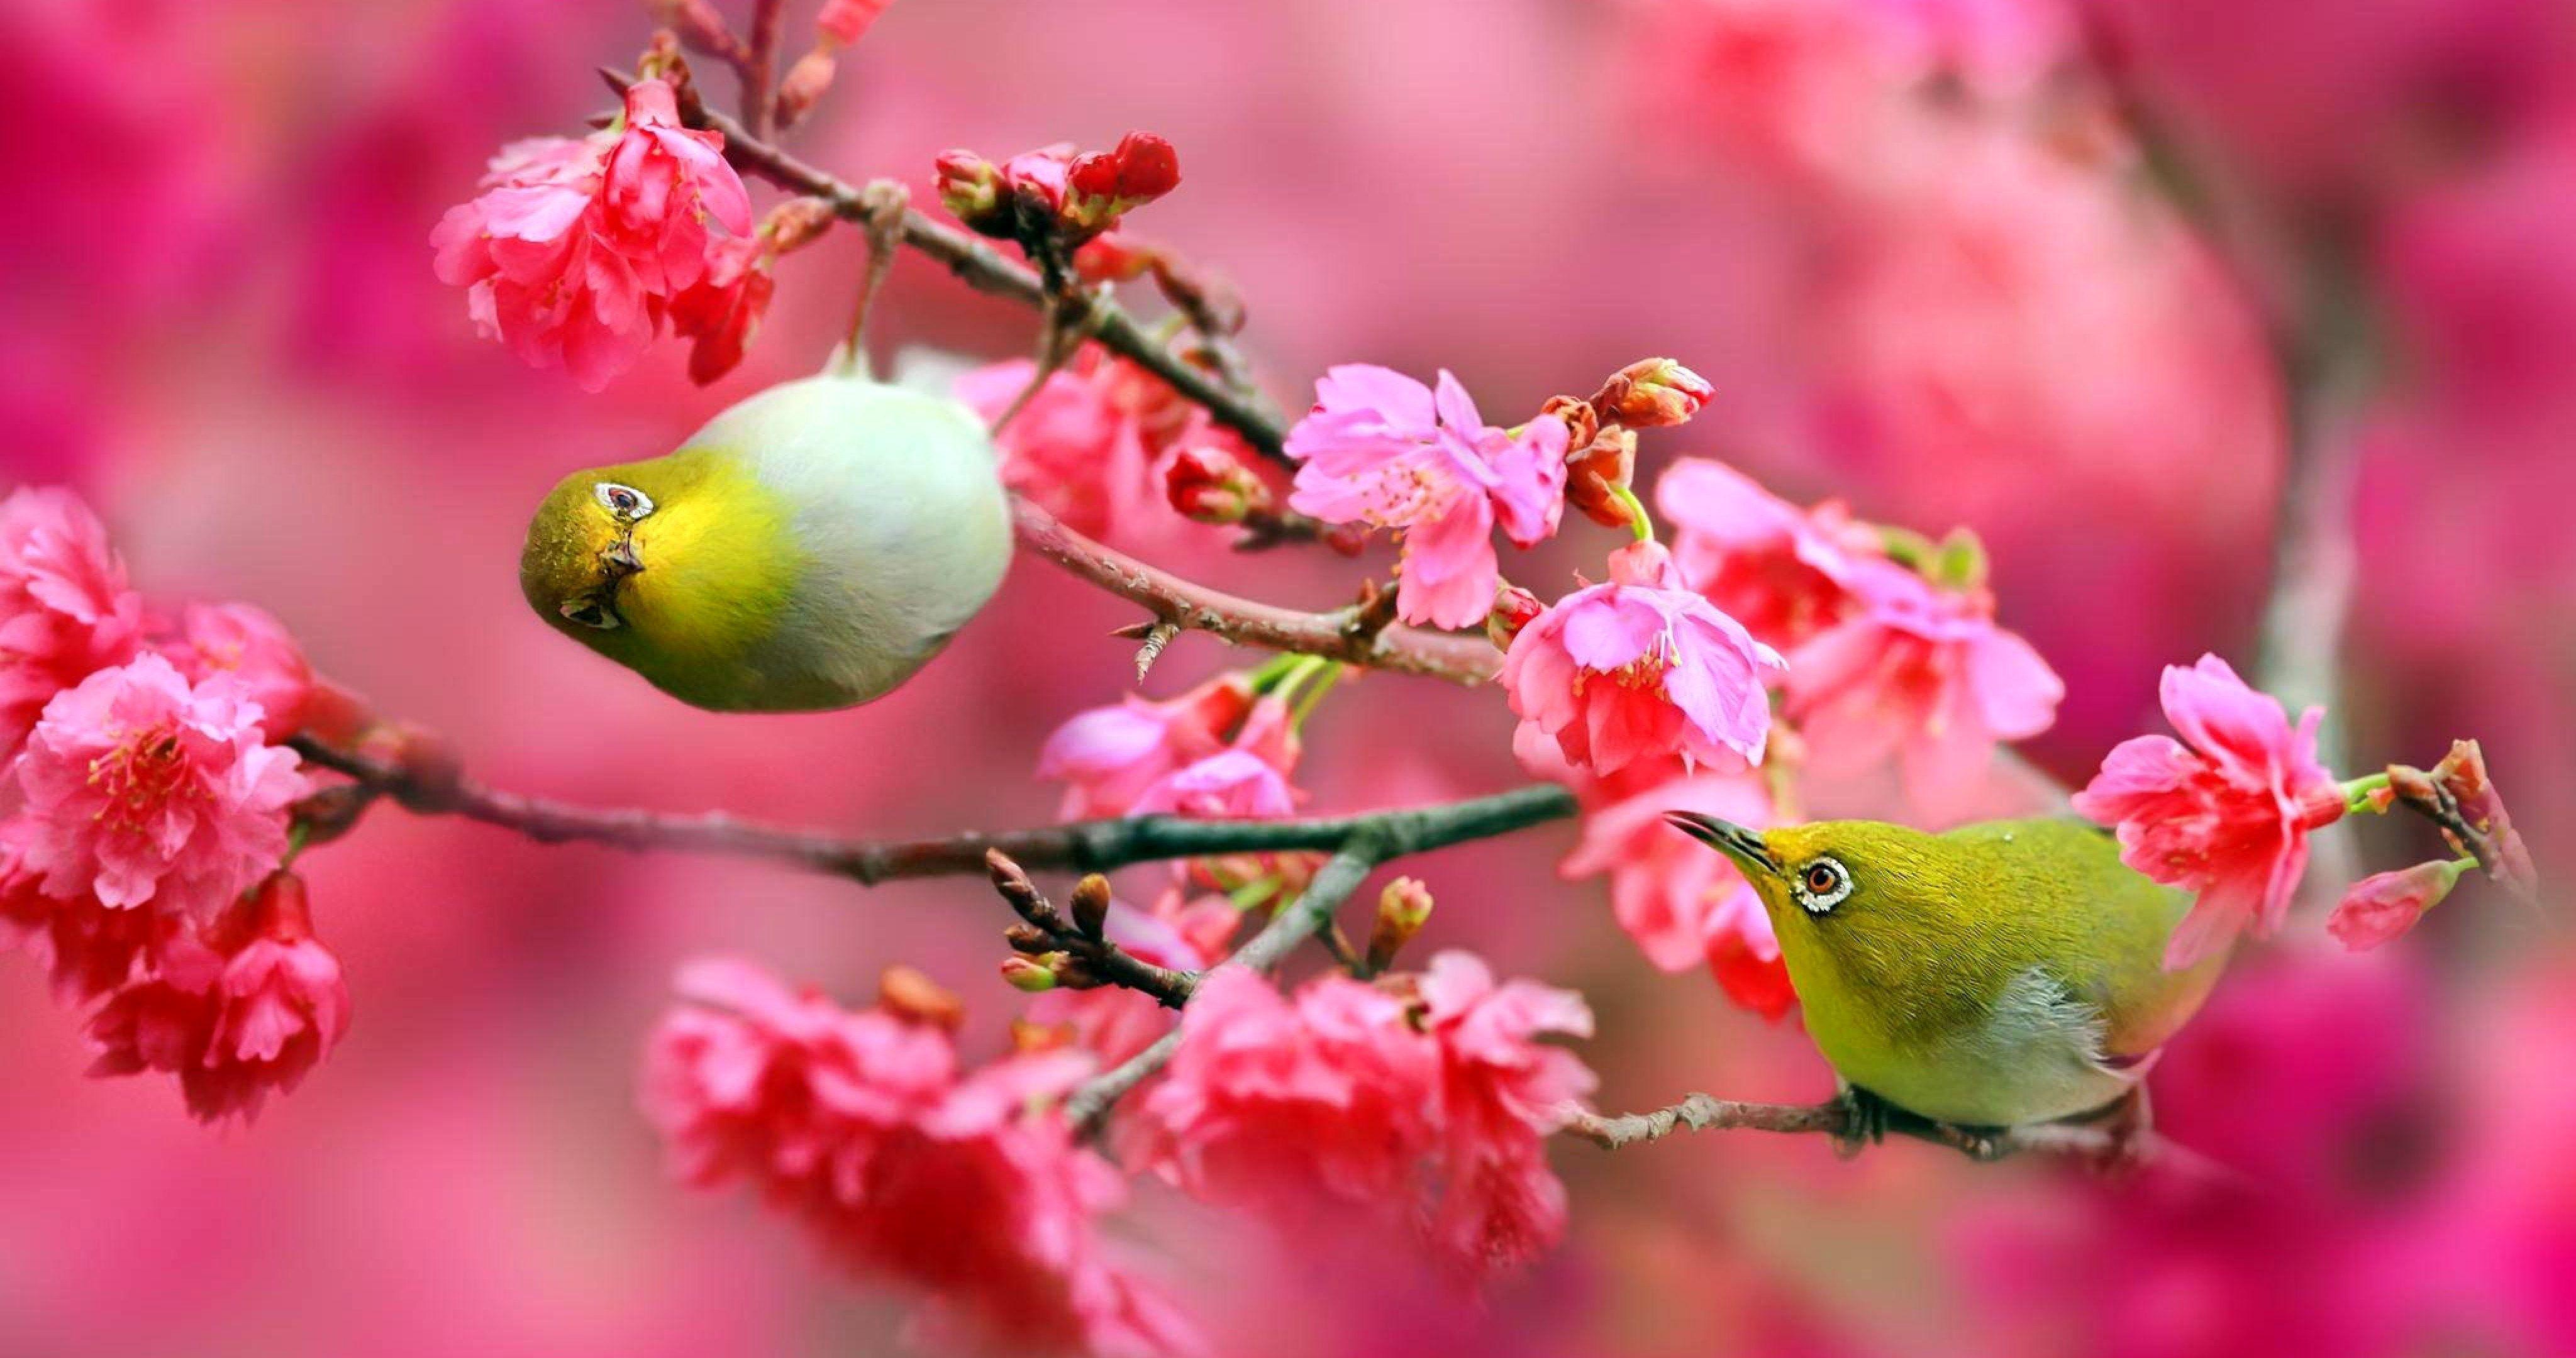 4k Wallpaper Nature Bird Gallery Di 2020 Bunga Sakura Bunga Gambar